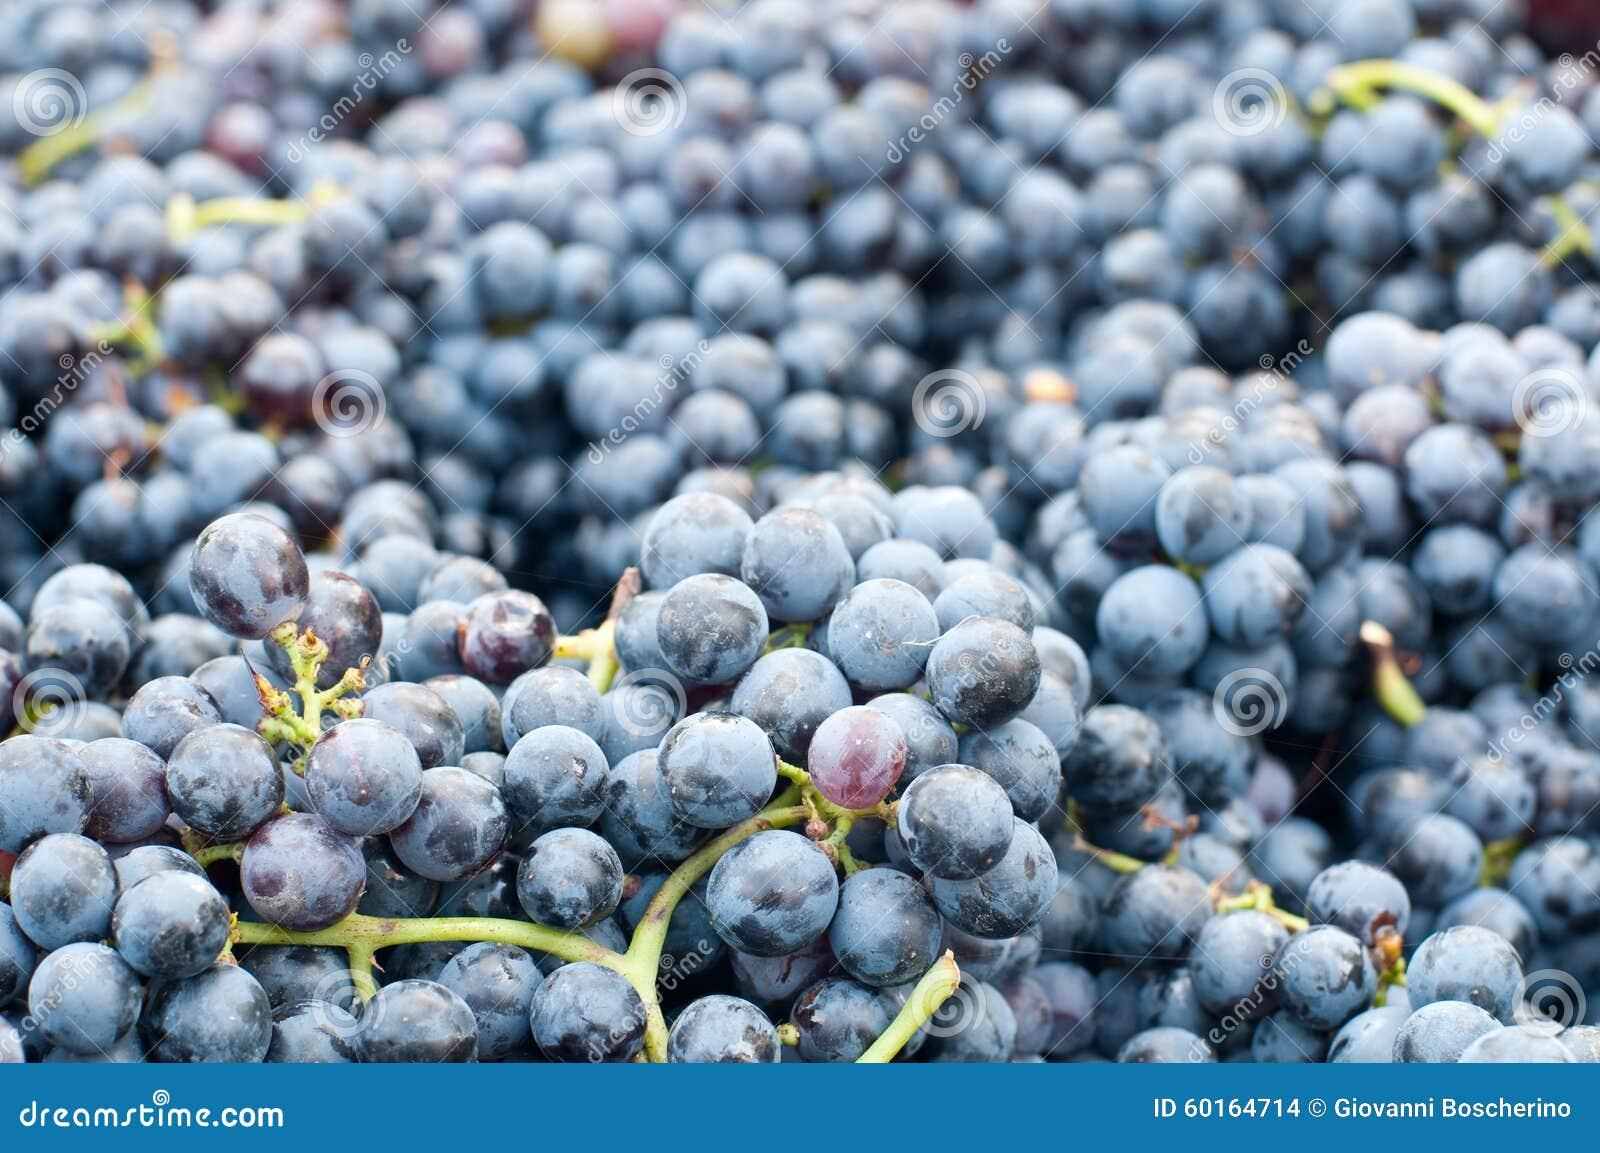 Groupes de raisins Lambrusco, un raisin italien typique